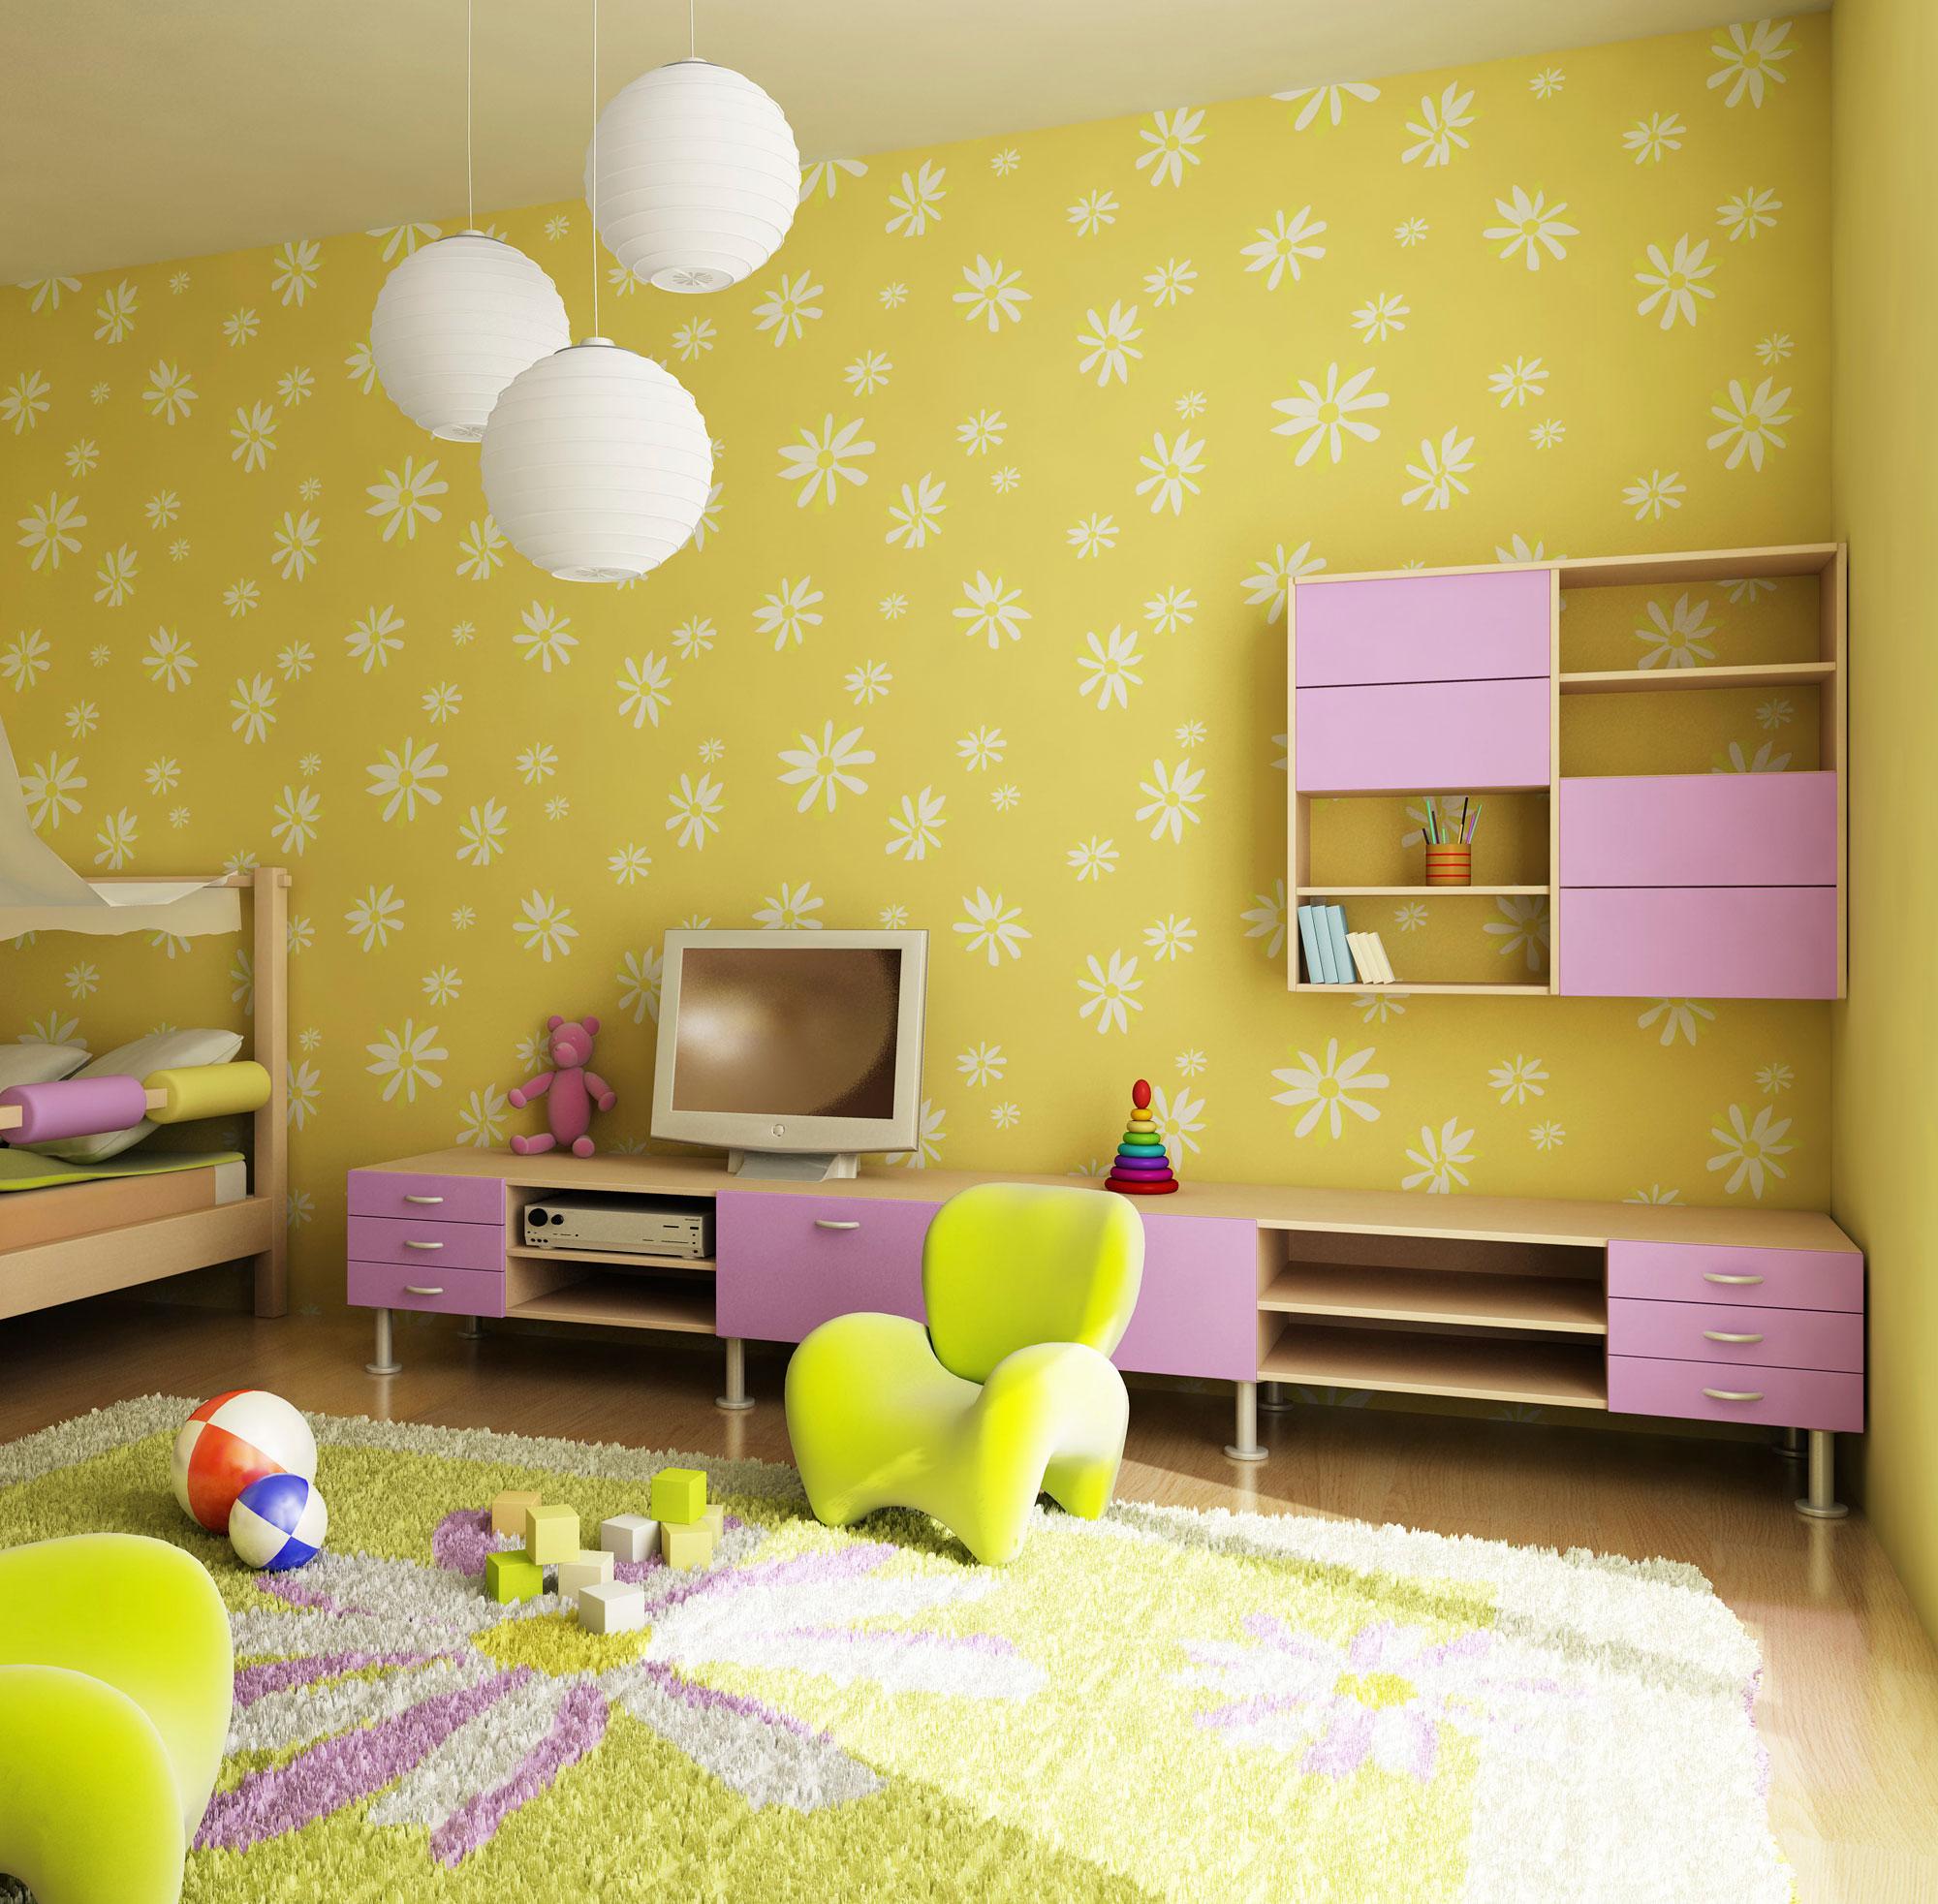 Iluminaci n en habitaciones infantiles hogarmania - Lamparas para habitaciones infantiles ...